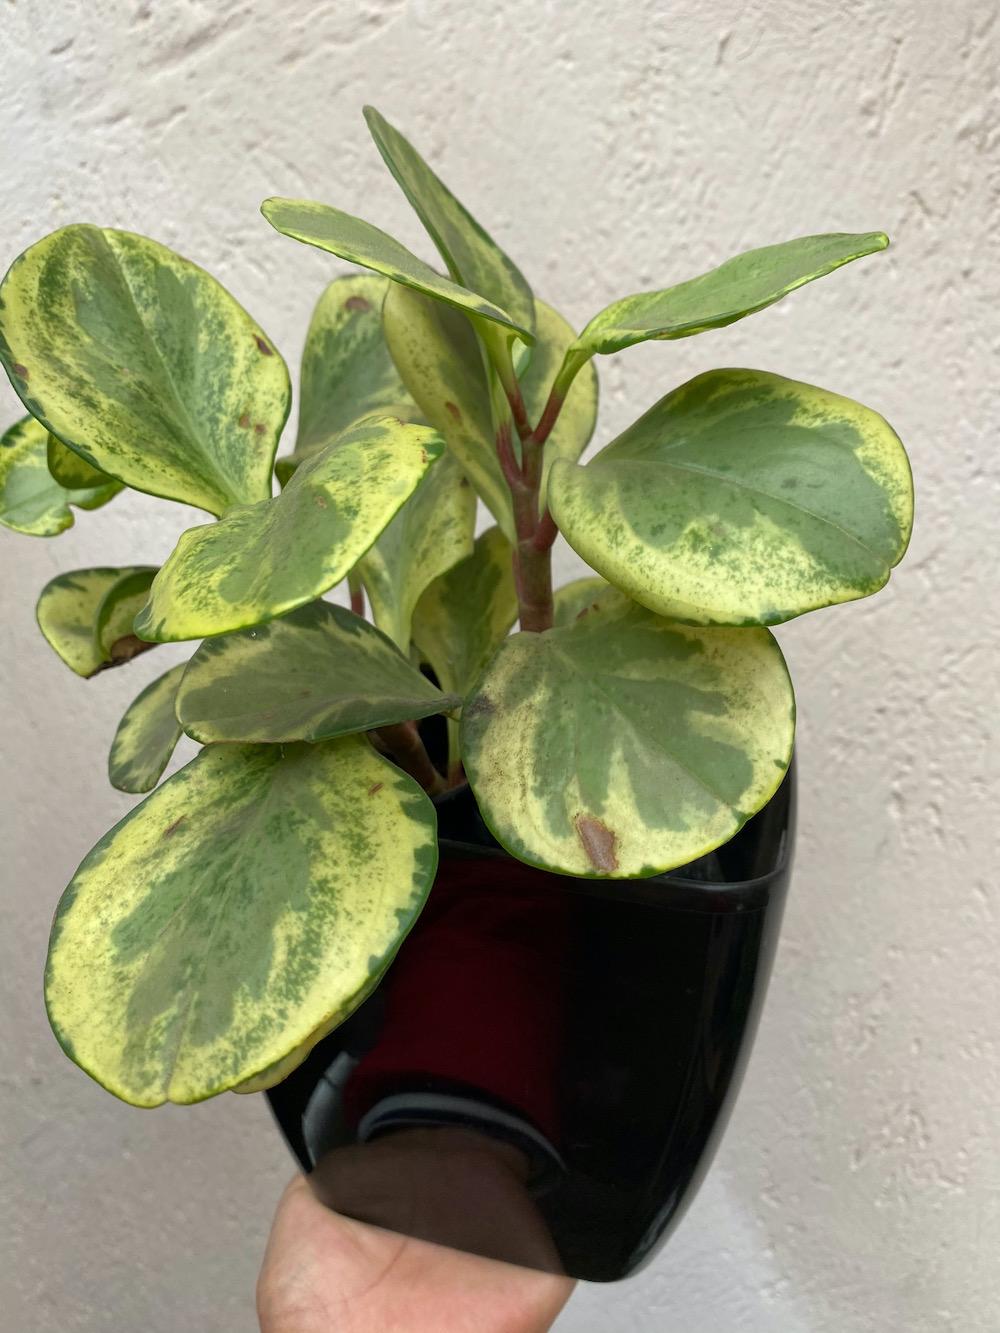 Peperonia Obtusifolia